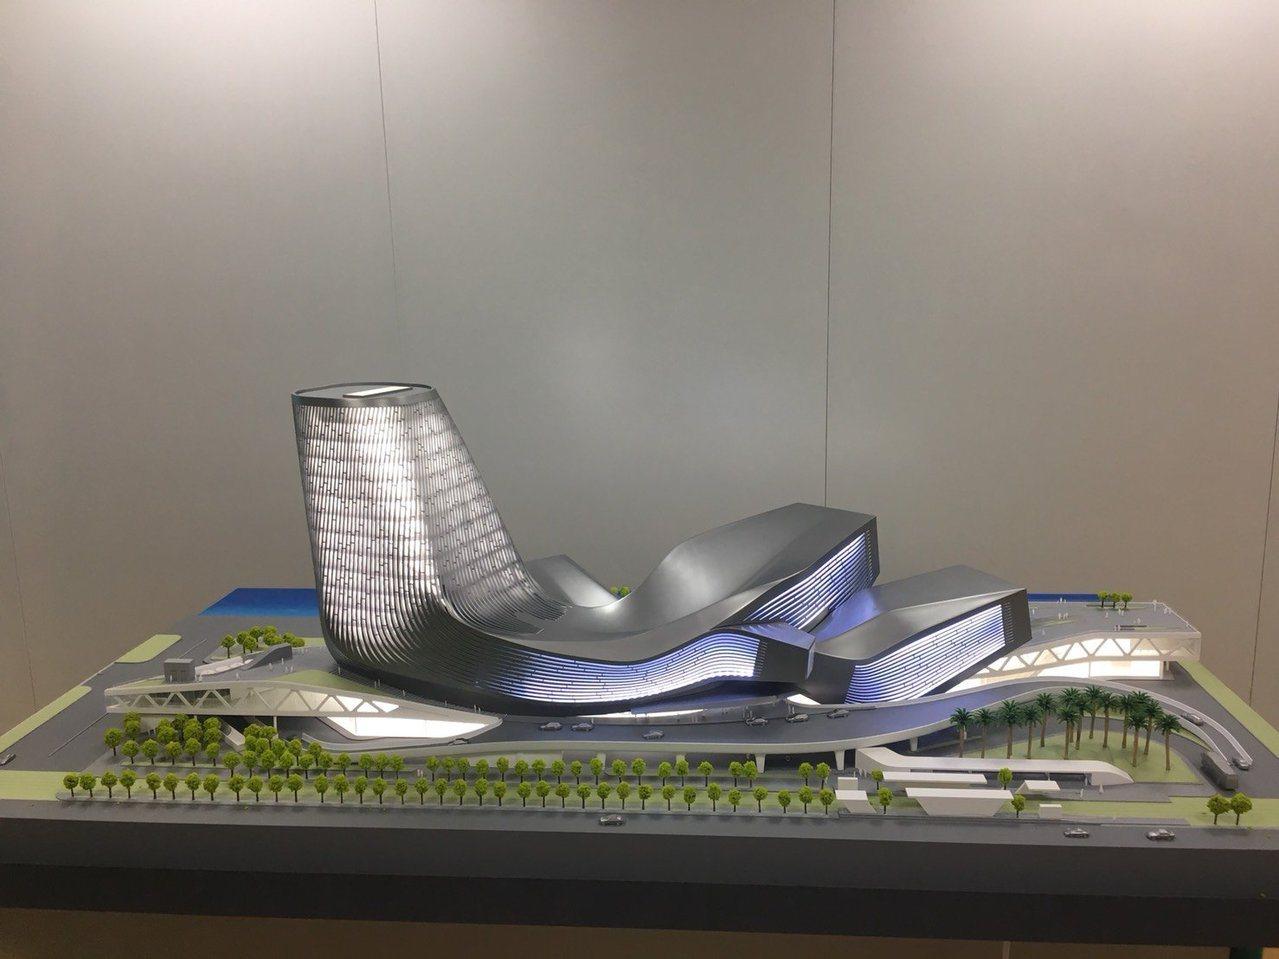 高雄港埠旅運中心完工模擬圖。圖/高雄港務公司提供